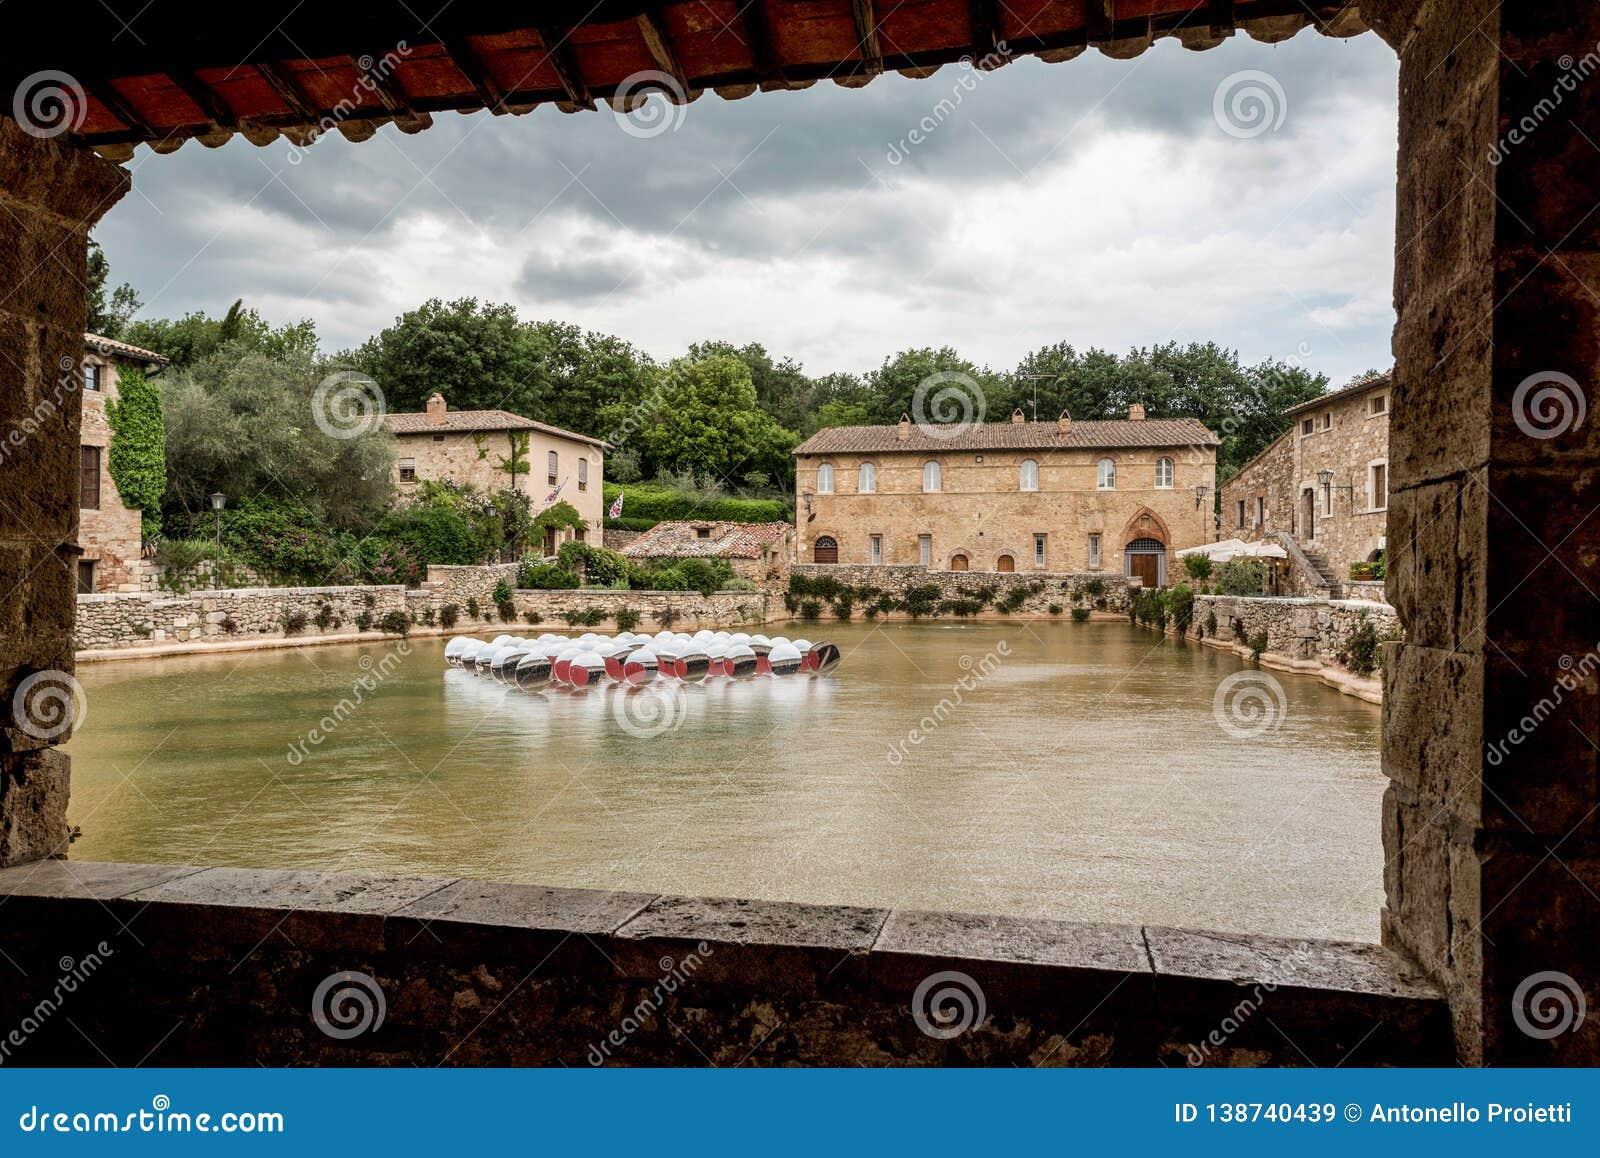 Venster op het zwembad met de bron van de thermische wateren van Bagno Vignoni